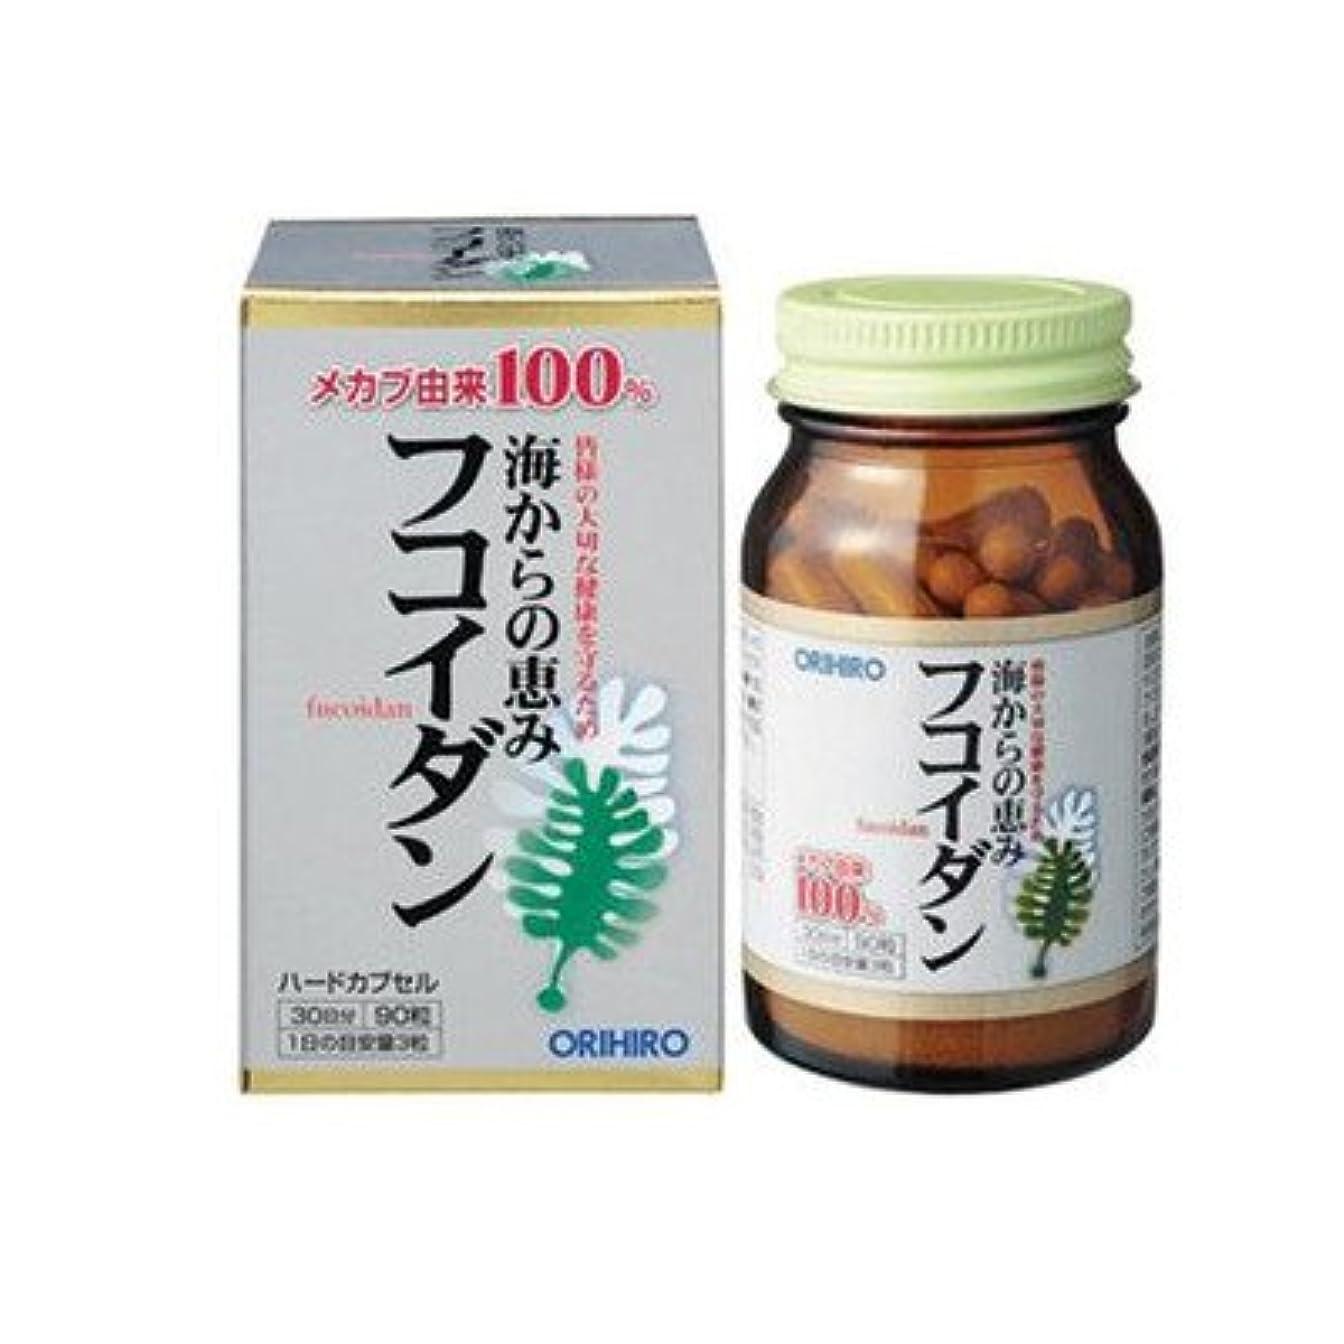 混合サージ遊びます60209192 オリヒロ フコイダン 90粒 毎日のお食事にプラスして健康生活をサポート